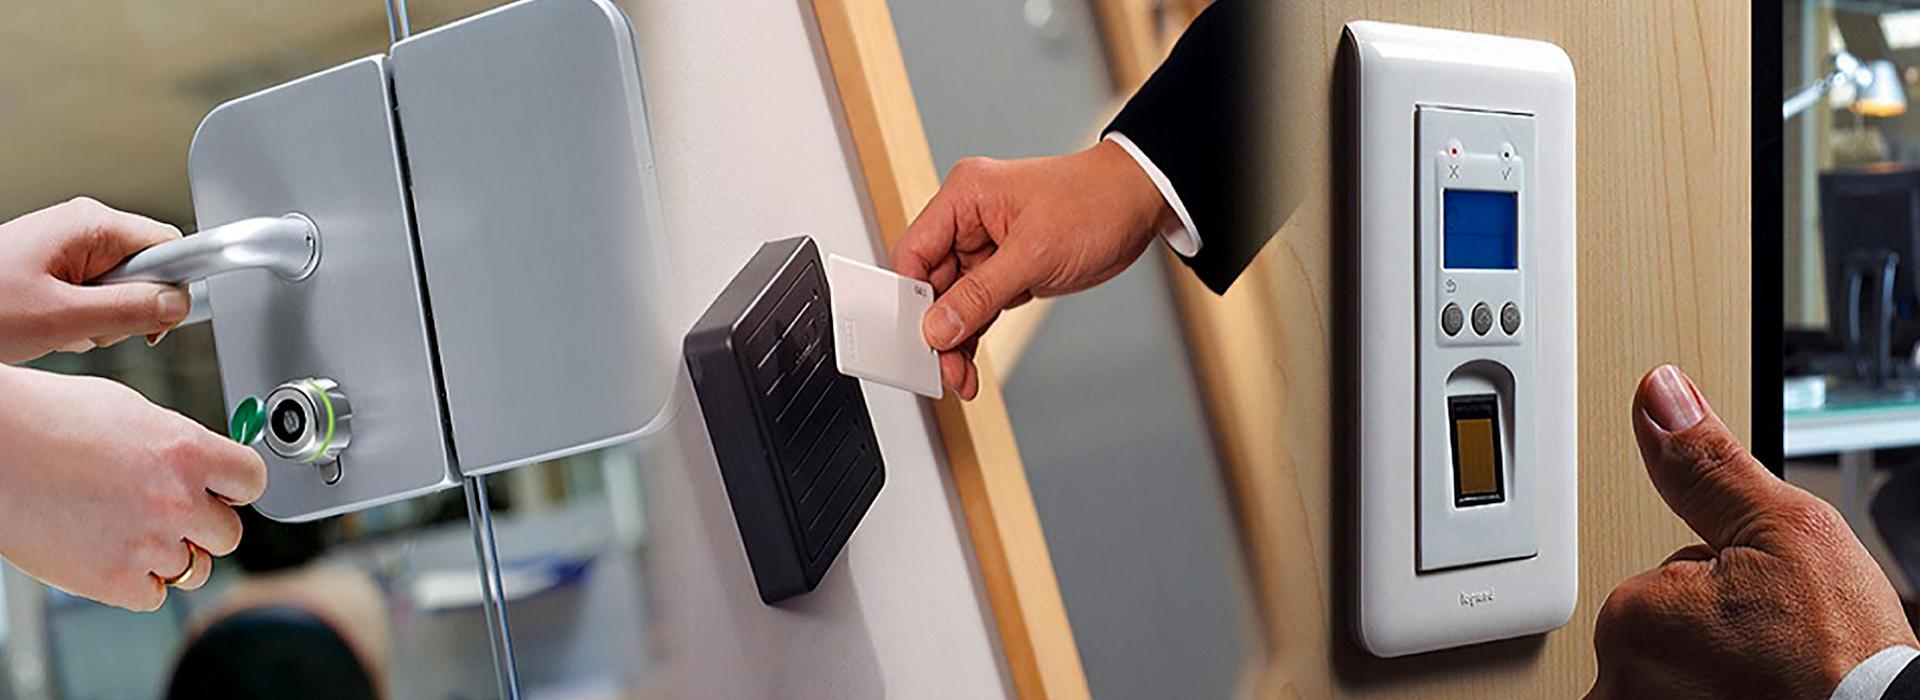 Система контроля и управления доступом - СКУД